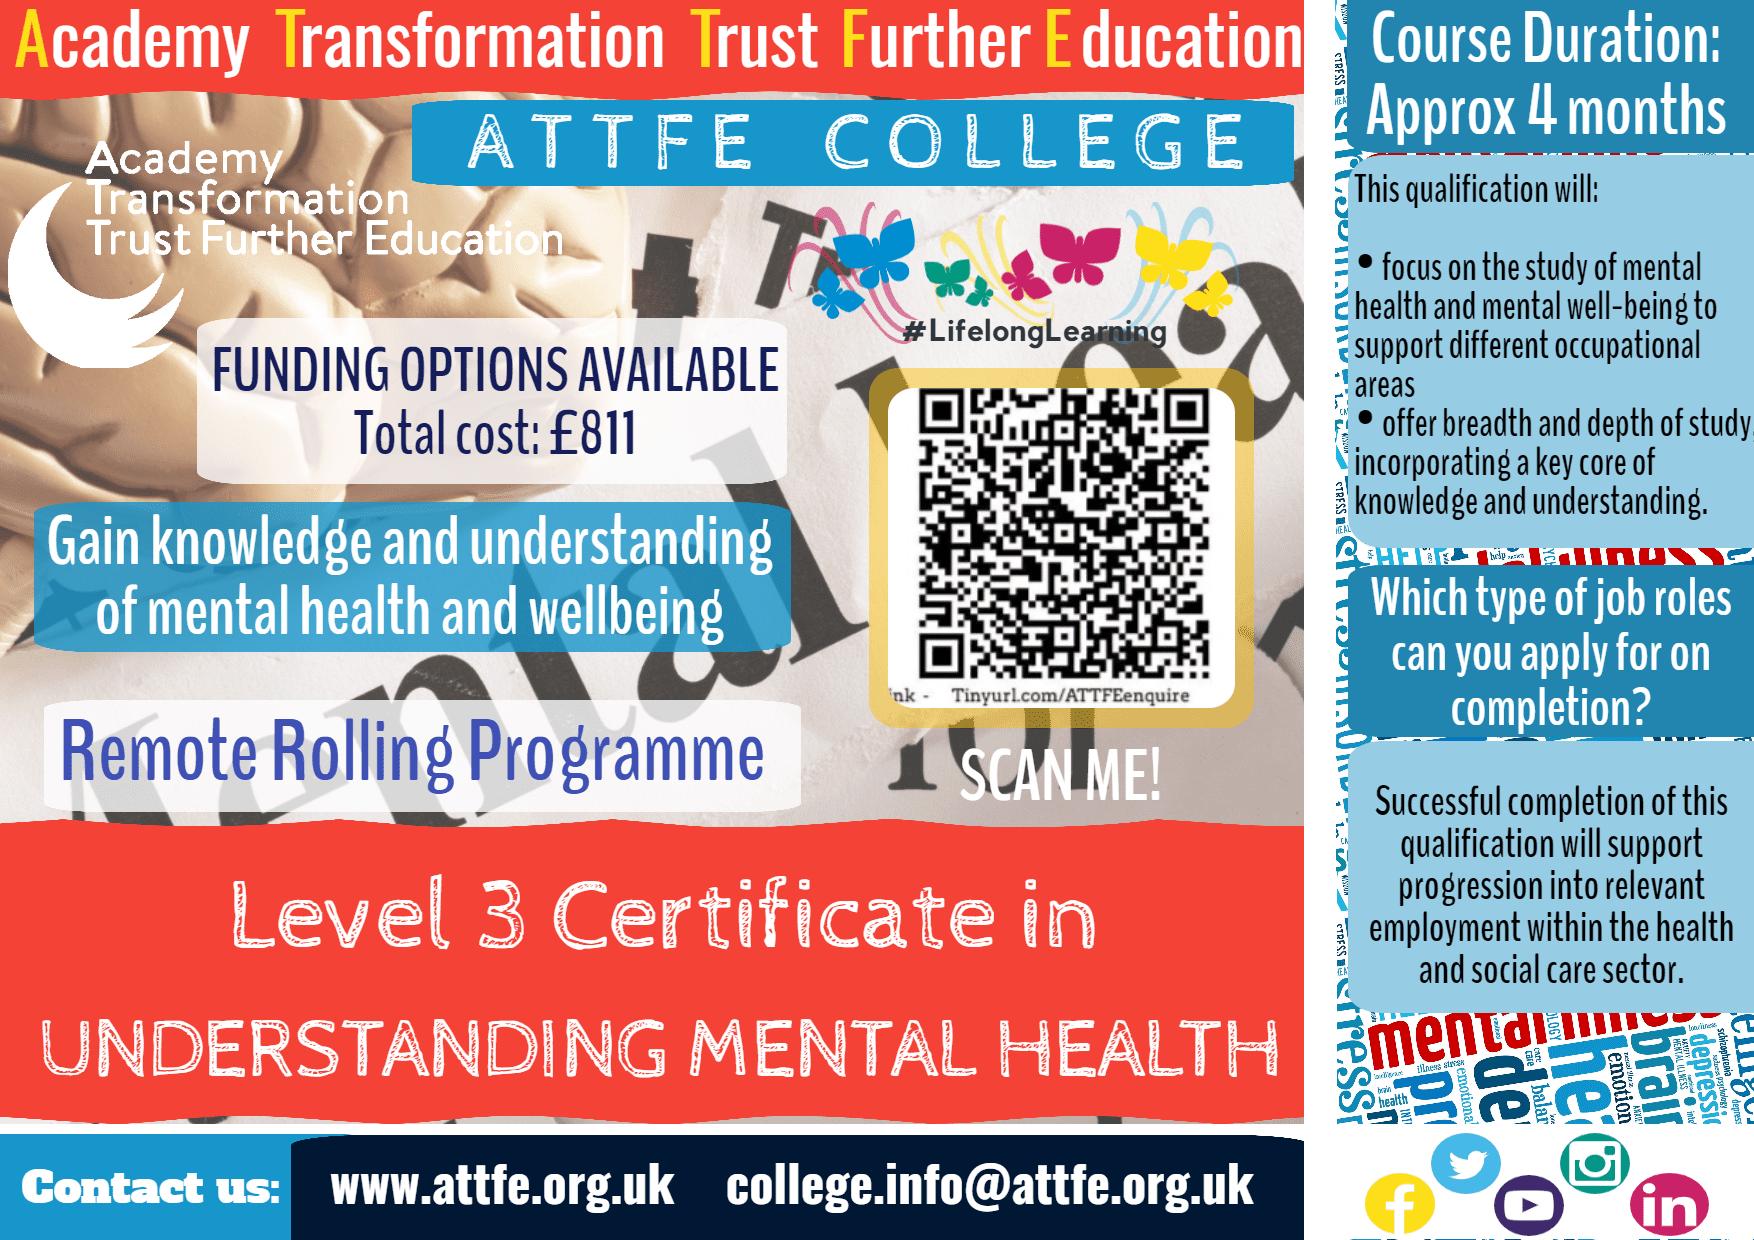 Level 3 Certificate in Understanding Mental Health Info